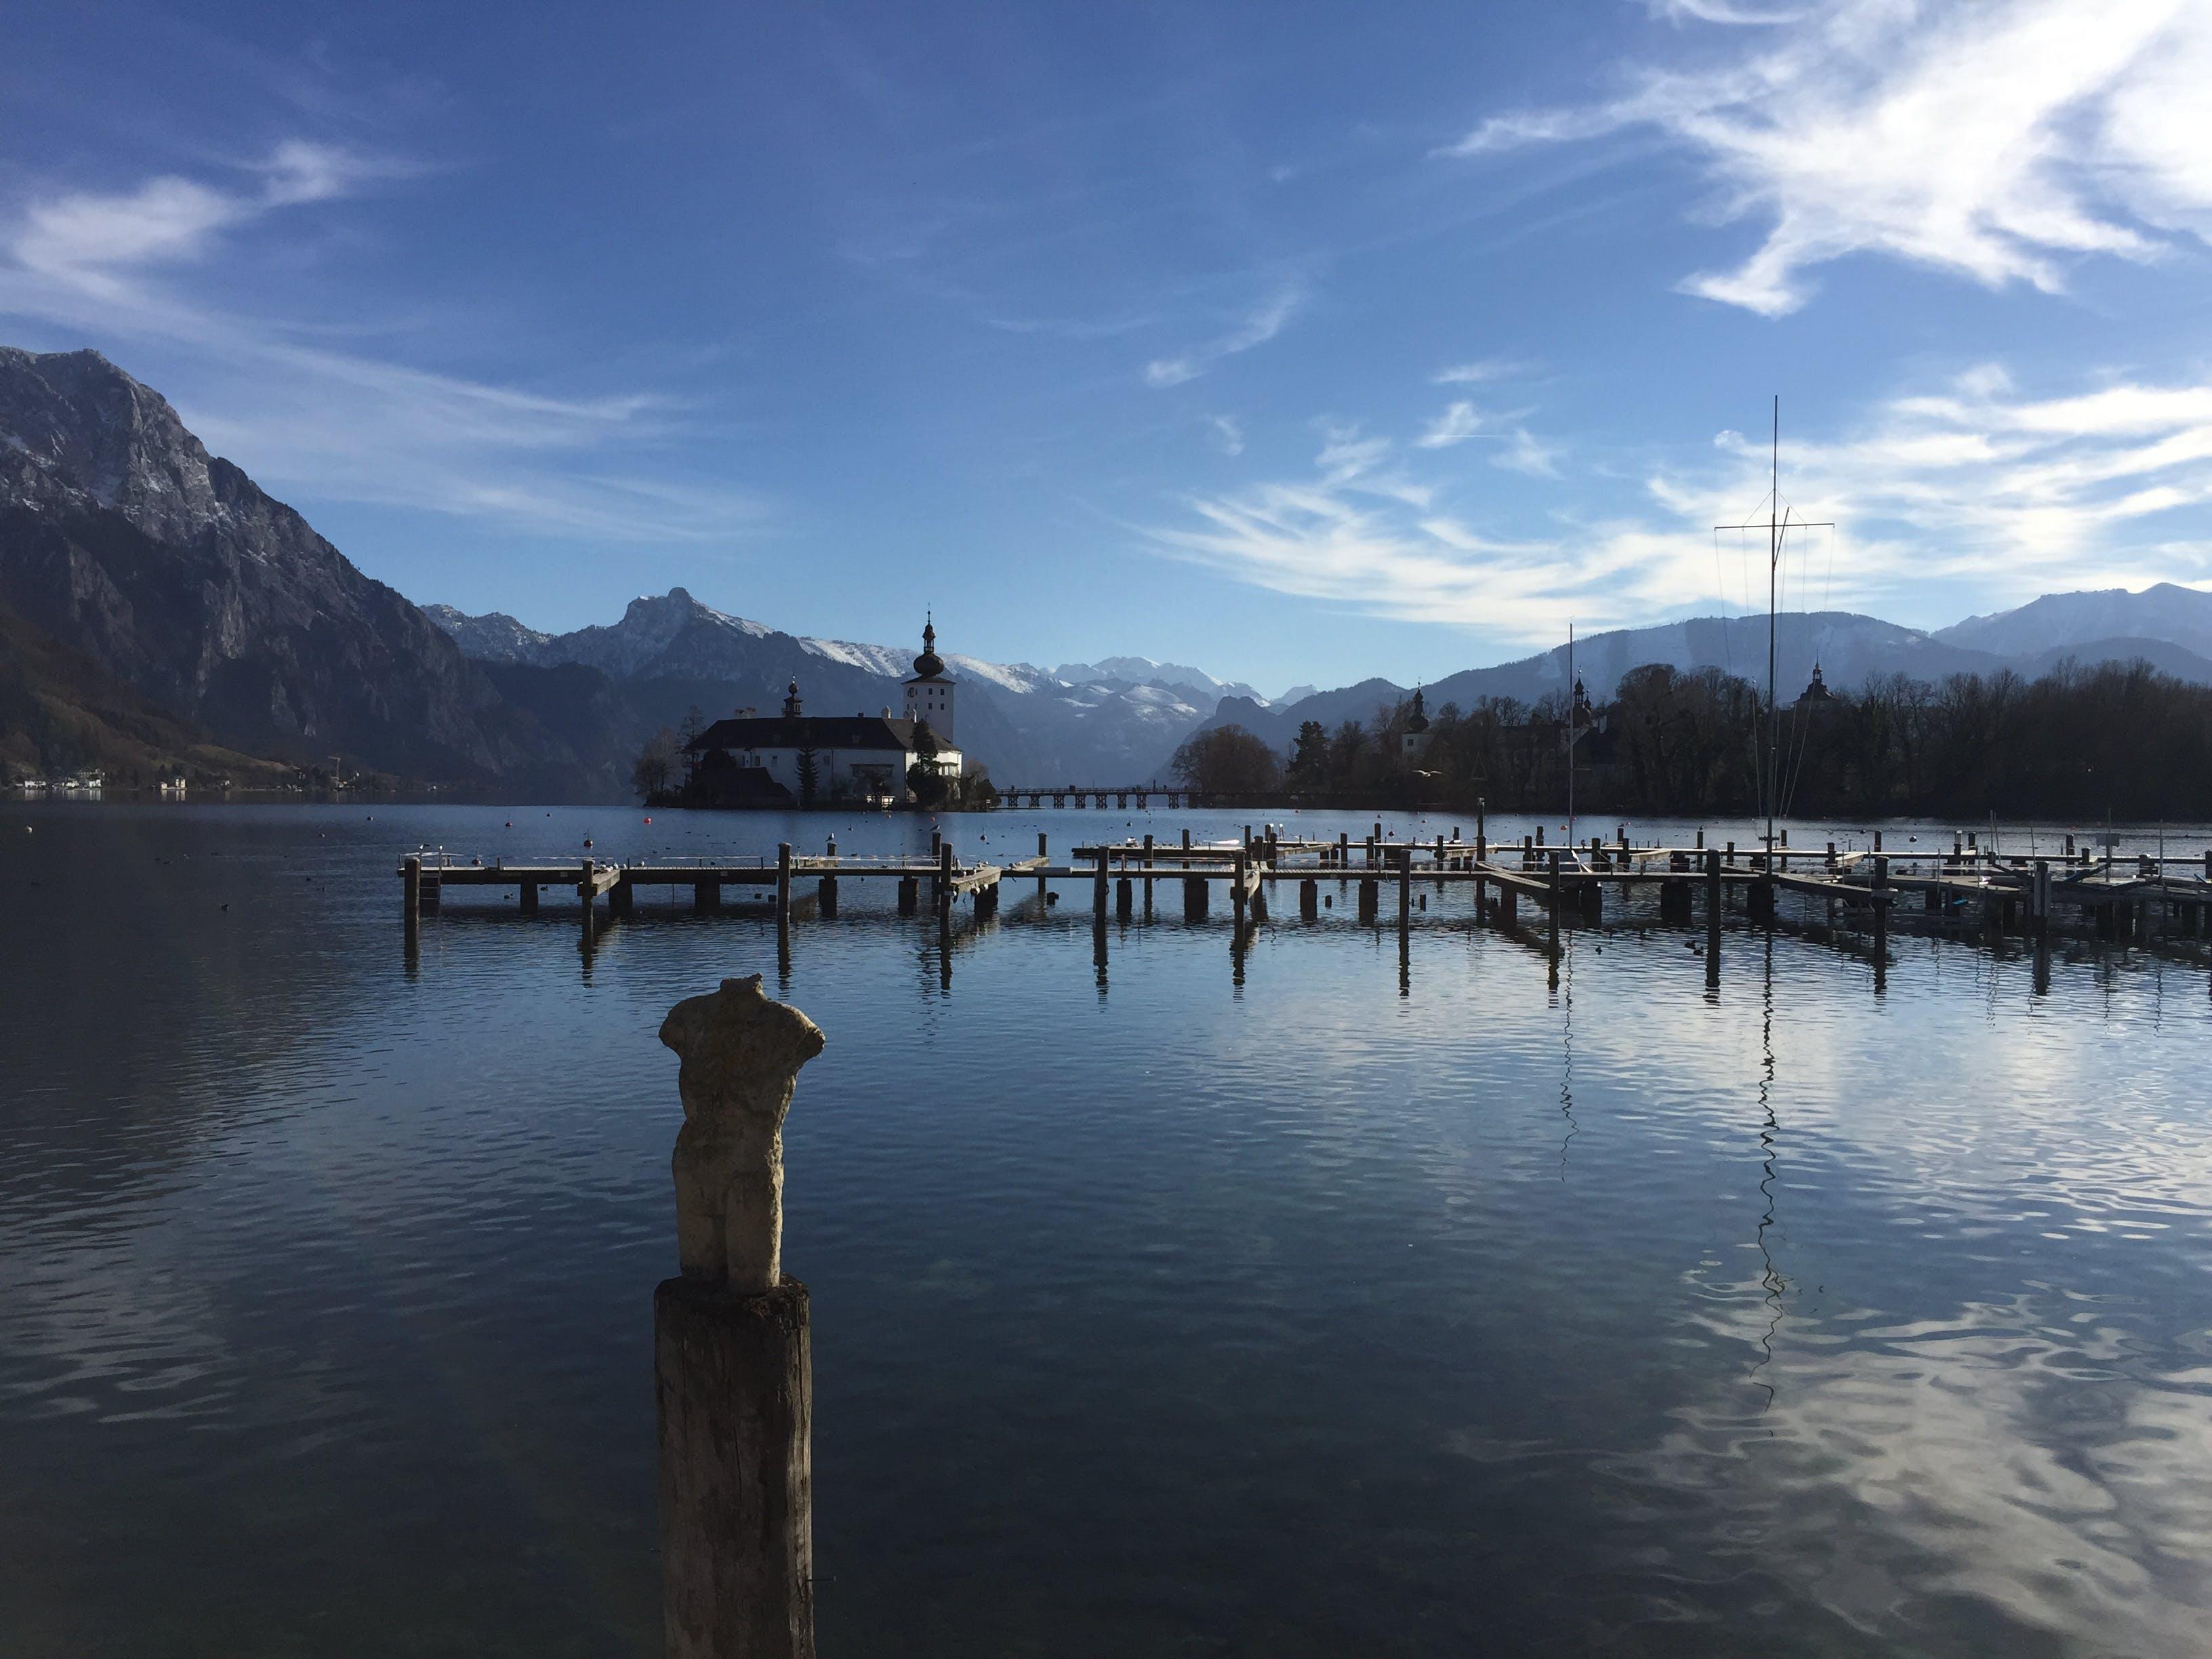 Free stock photo of castle, lake, mountains